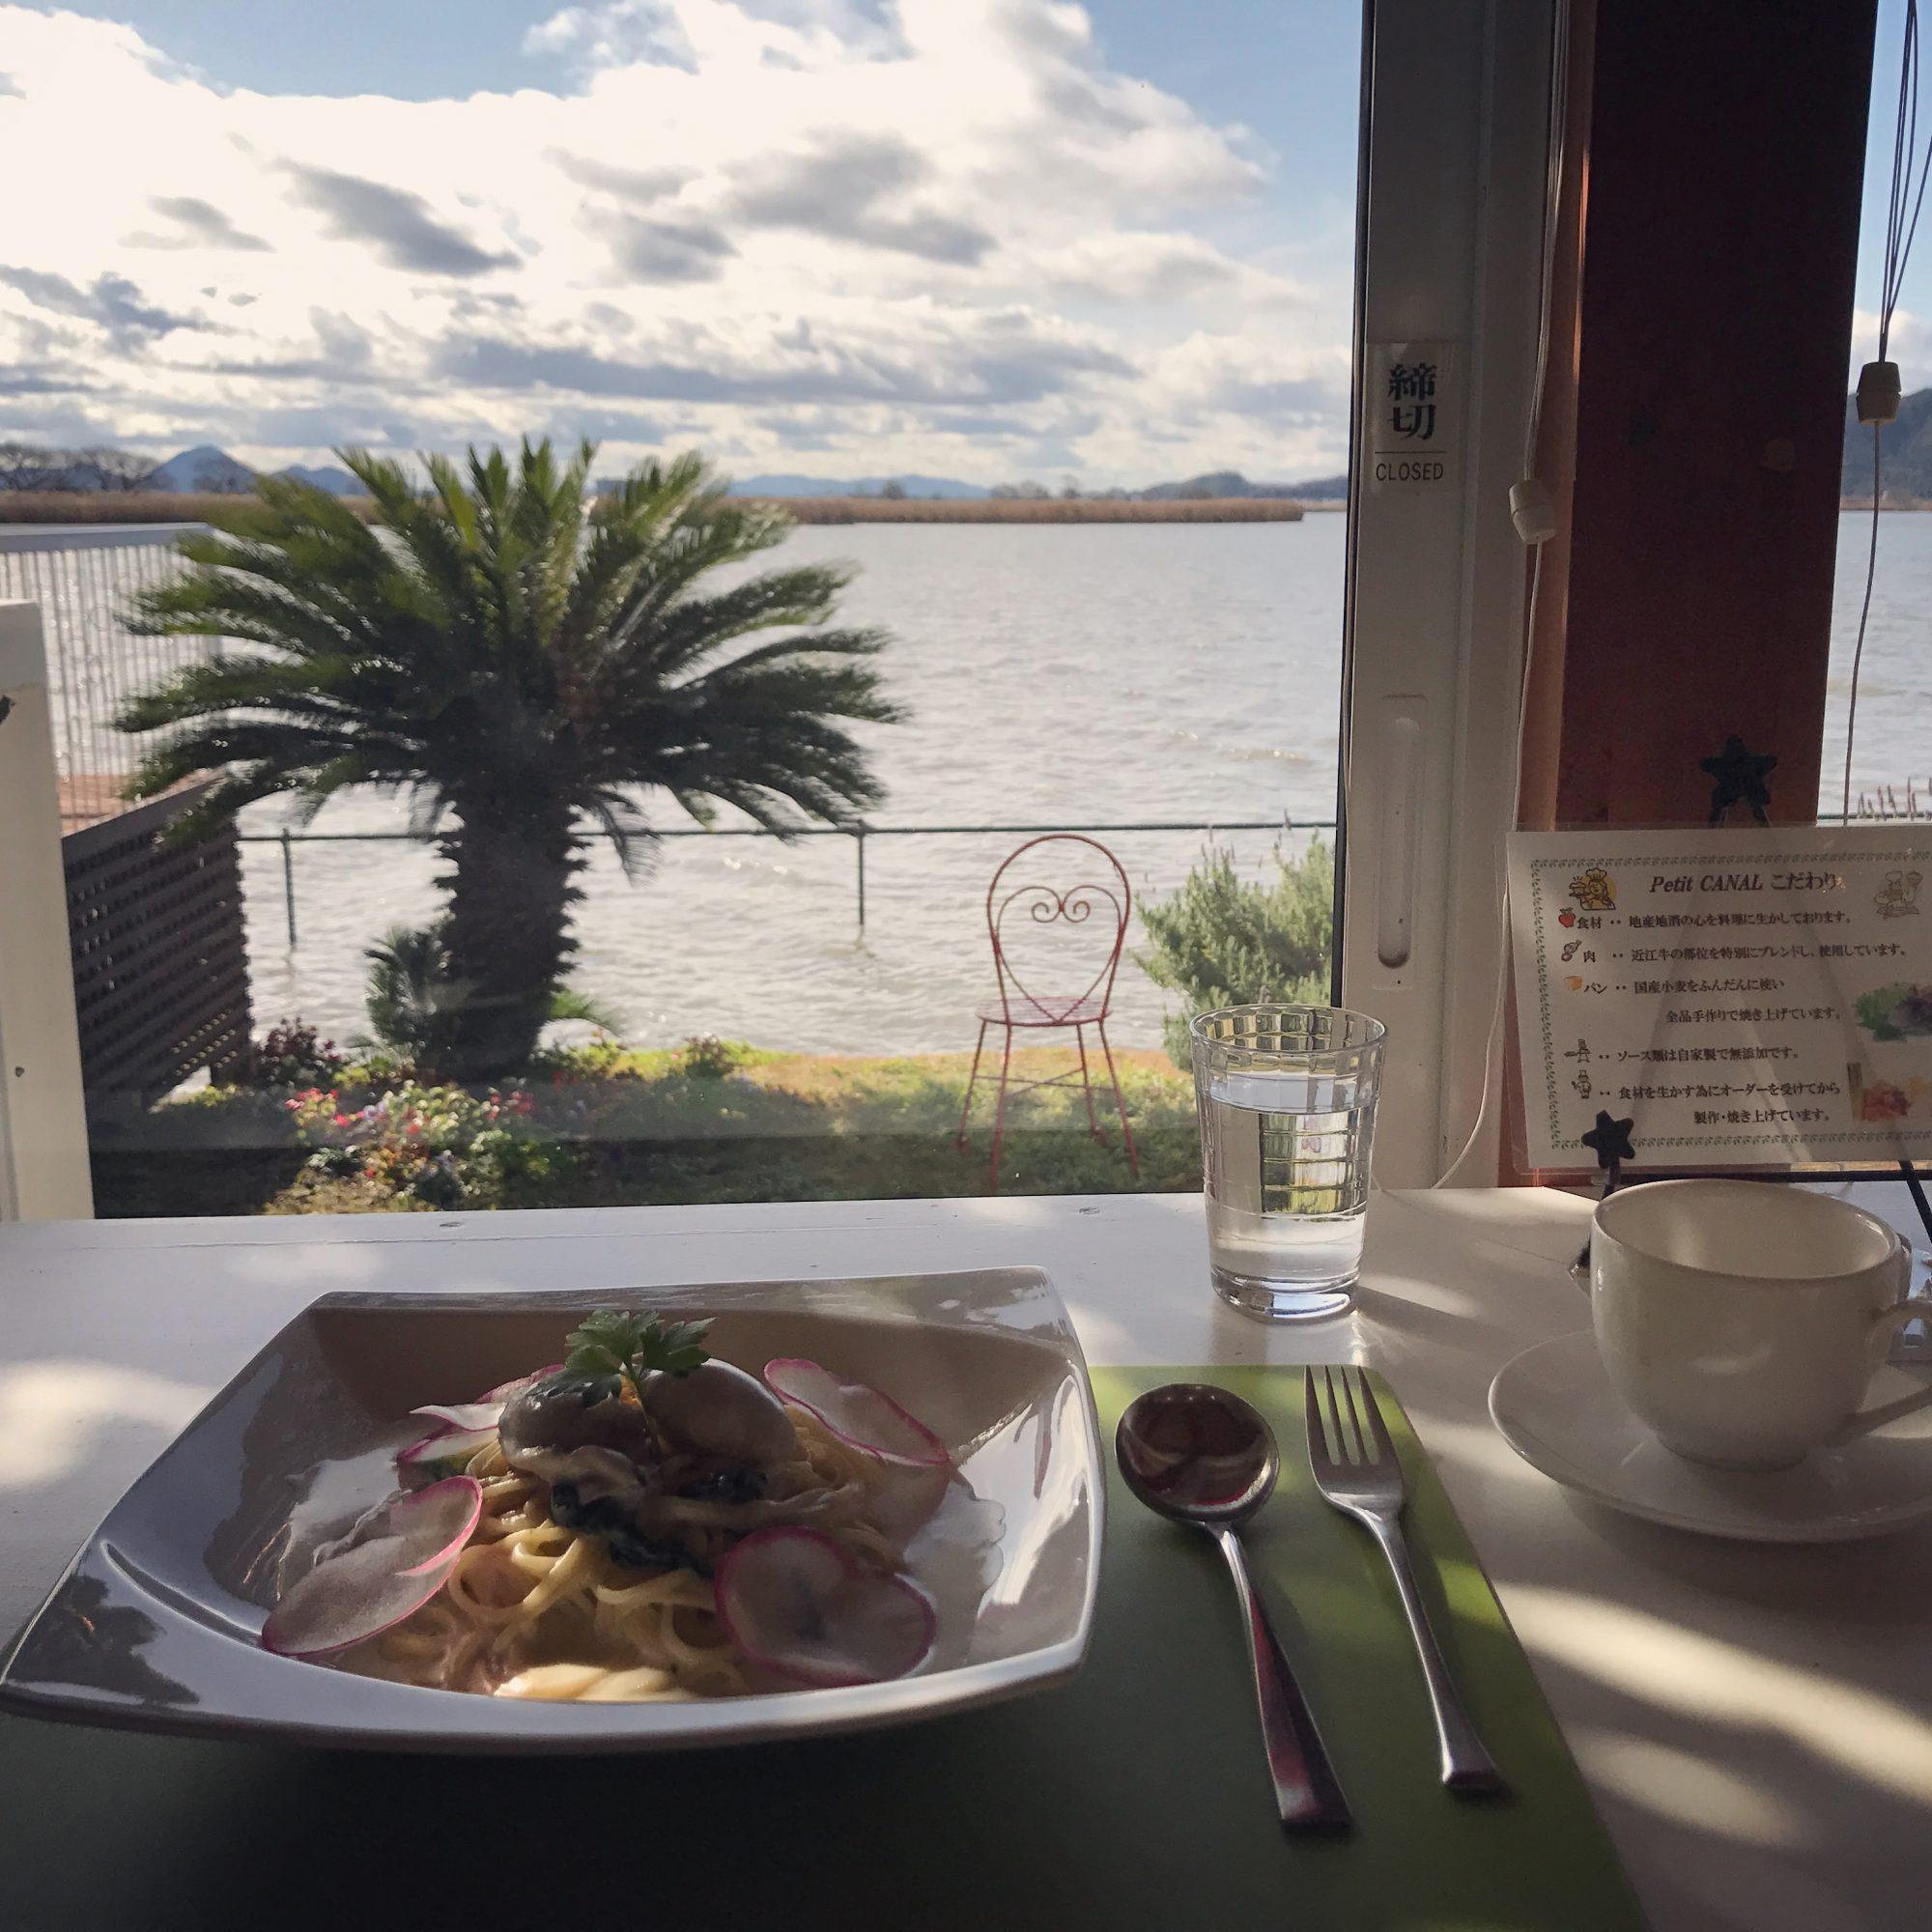 琵琶湖【petit CANAL】西の湖の湖畔のおしゃれカフェでランチしてきました♡